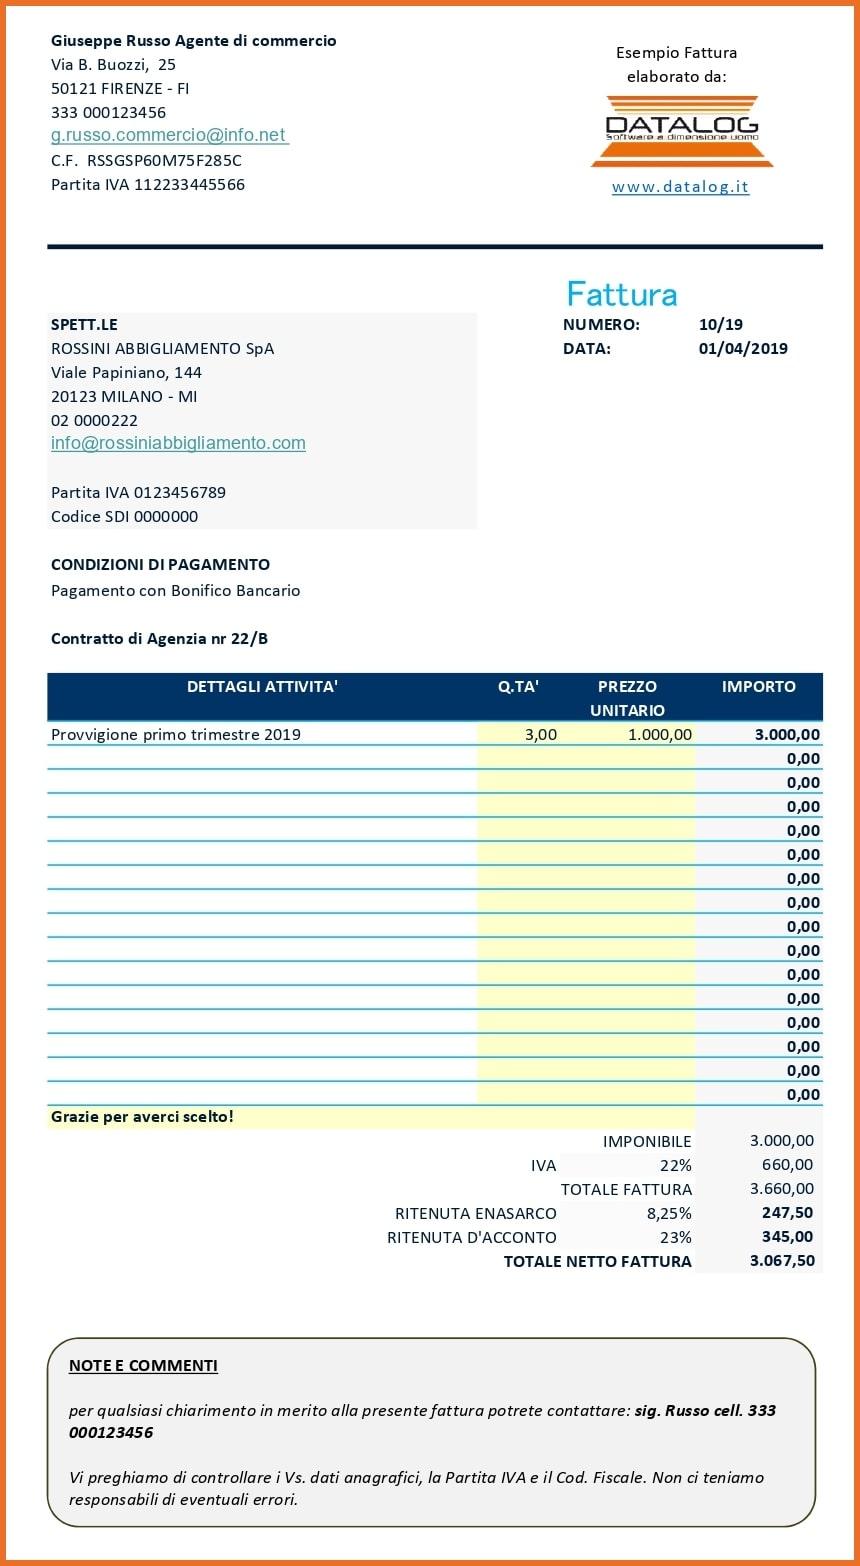 Modello Fattura Excel con contributo ENASARCO per agenti di commercio